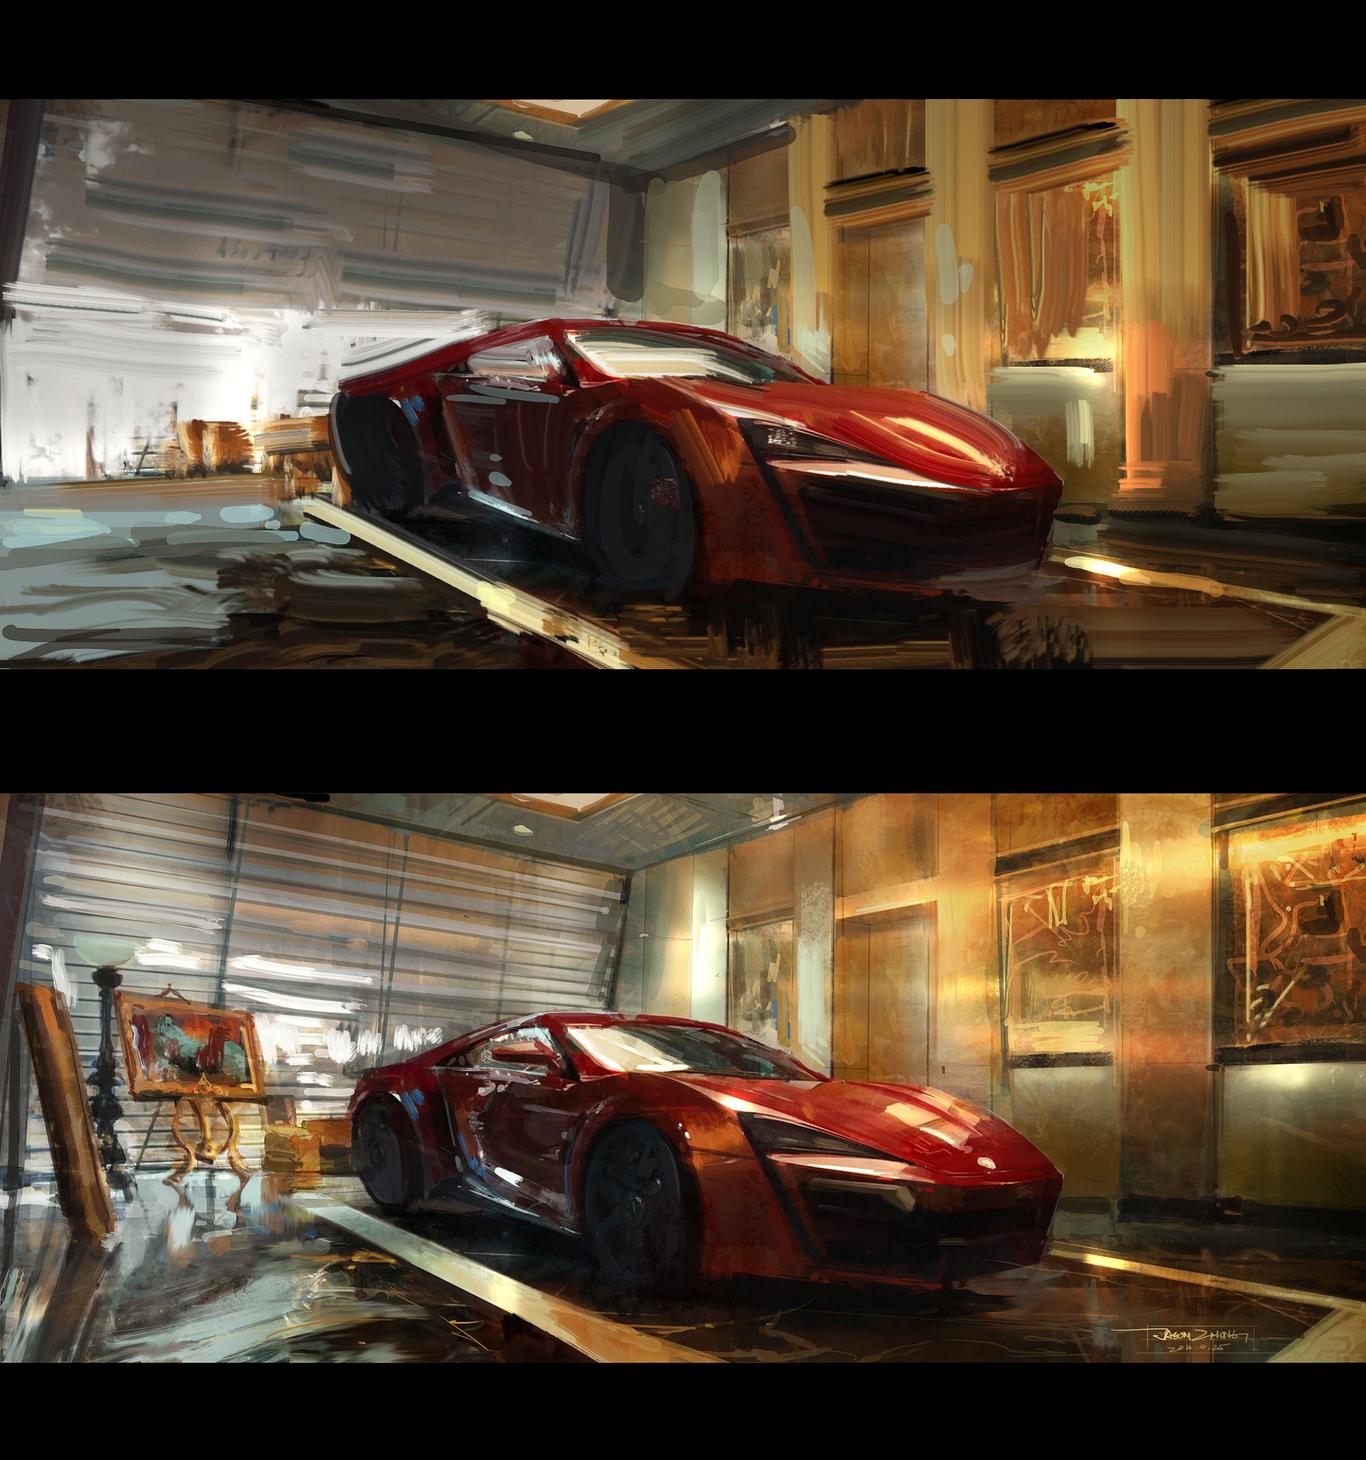 Jasonzhong red car 1 ec63bae1 azx5